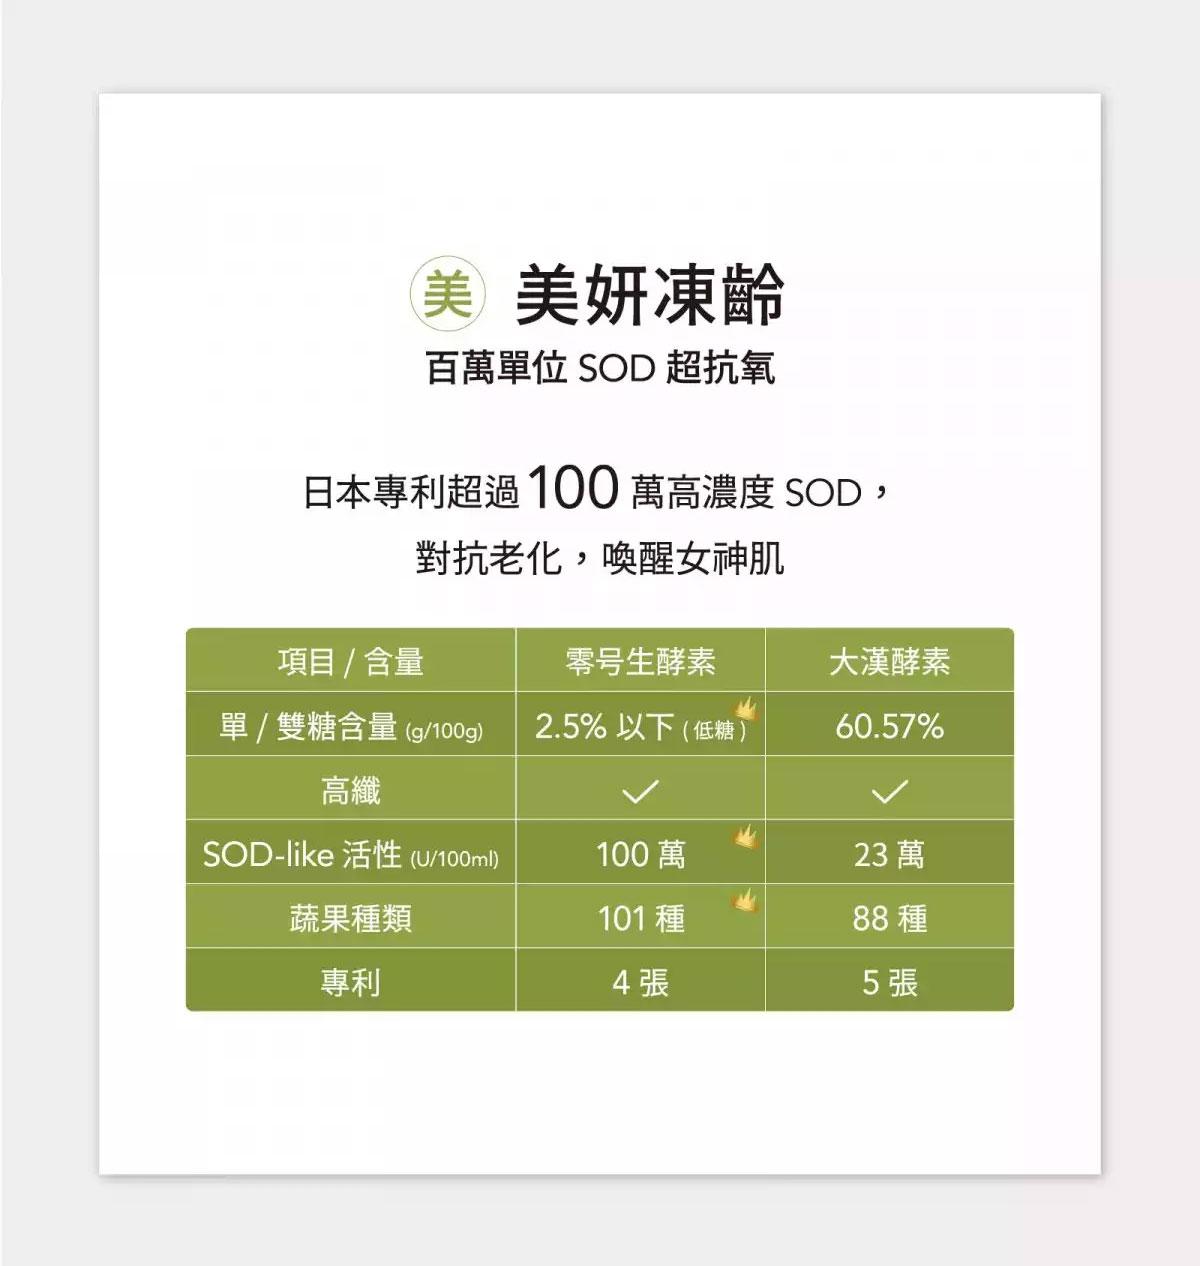 日本零號生酵素-101綜合蔬果酵素-100萬高濃度SOD-排空歸零養顏美容-美麗人生百萬高濃度SOD